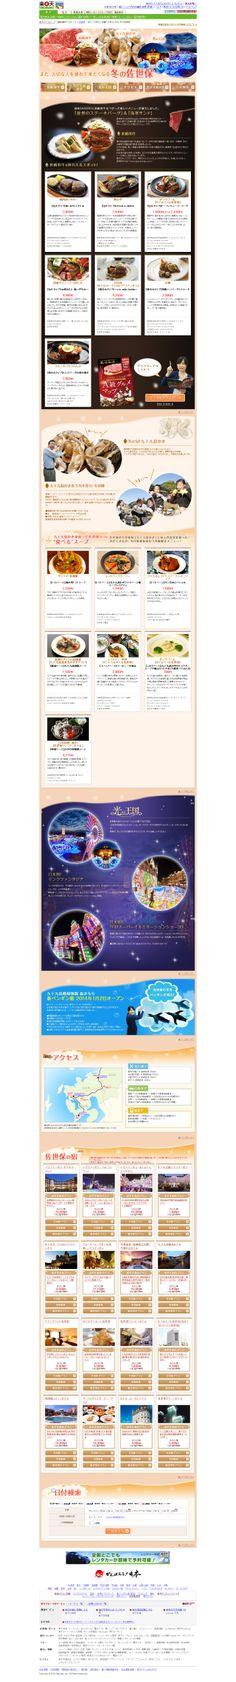 【旅頃】佐世保冬特集 綺麗 オレンジ 茶 http://travel.rakuten.co.jp/movement/nagasaki/201312/